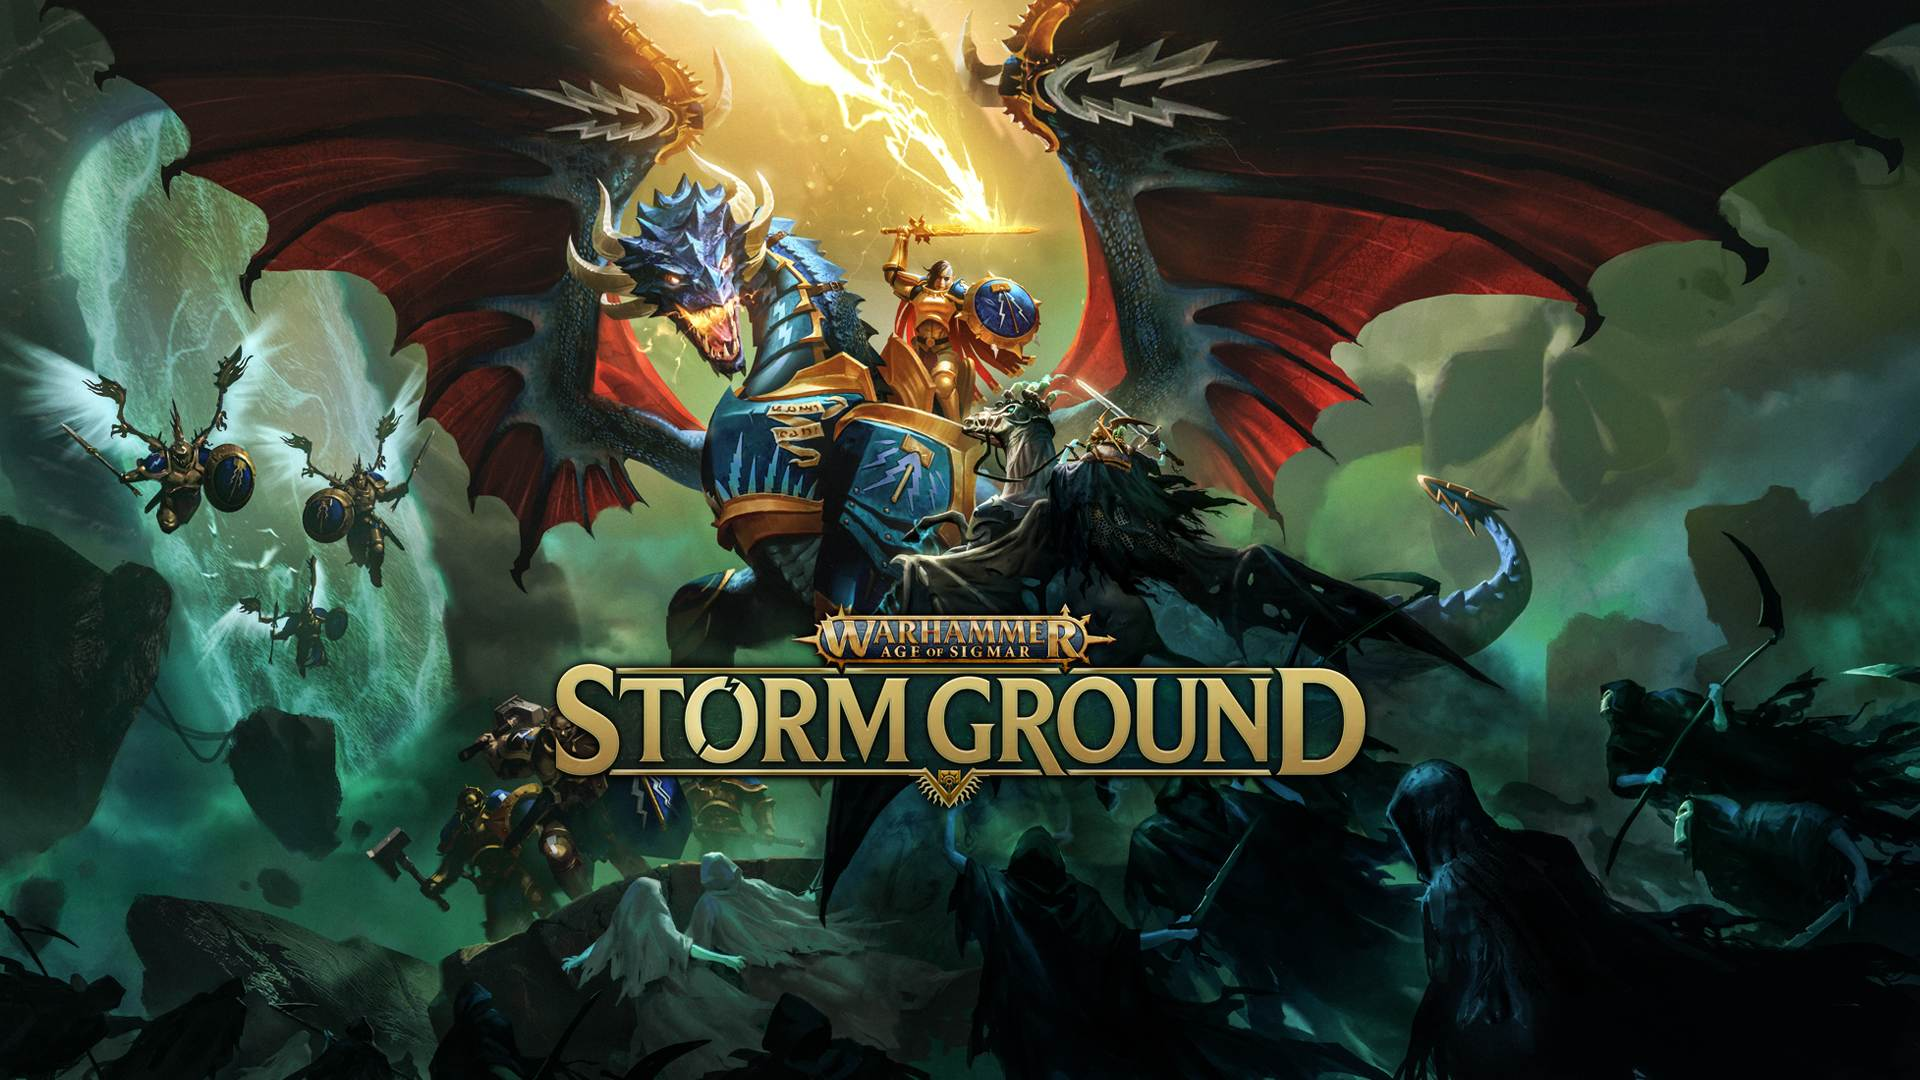 Warhammer-Age-of-Sigmar-Storm-Ground-Fortschritts-und-Upgrade-System-im-neuen-Video-vorgestellt